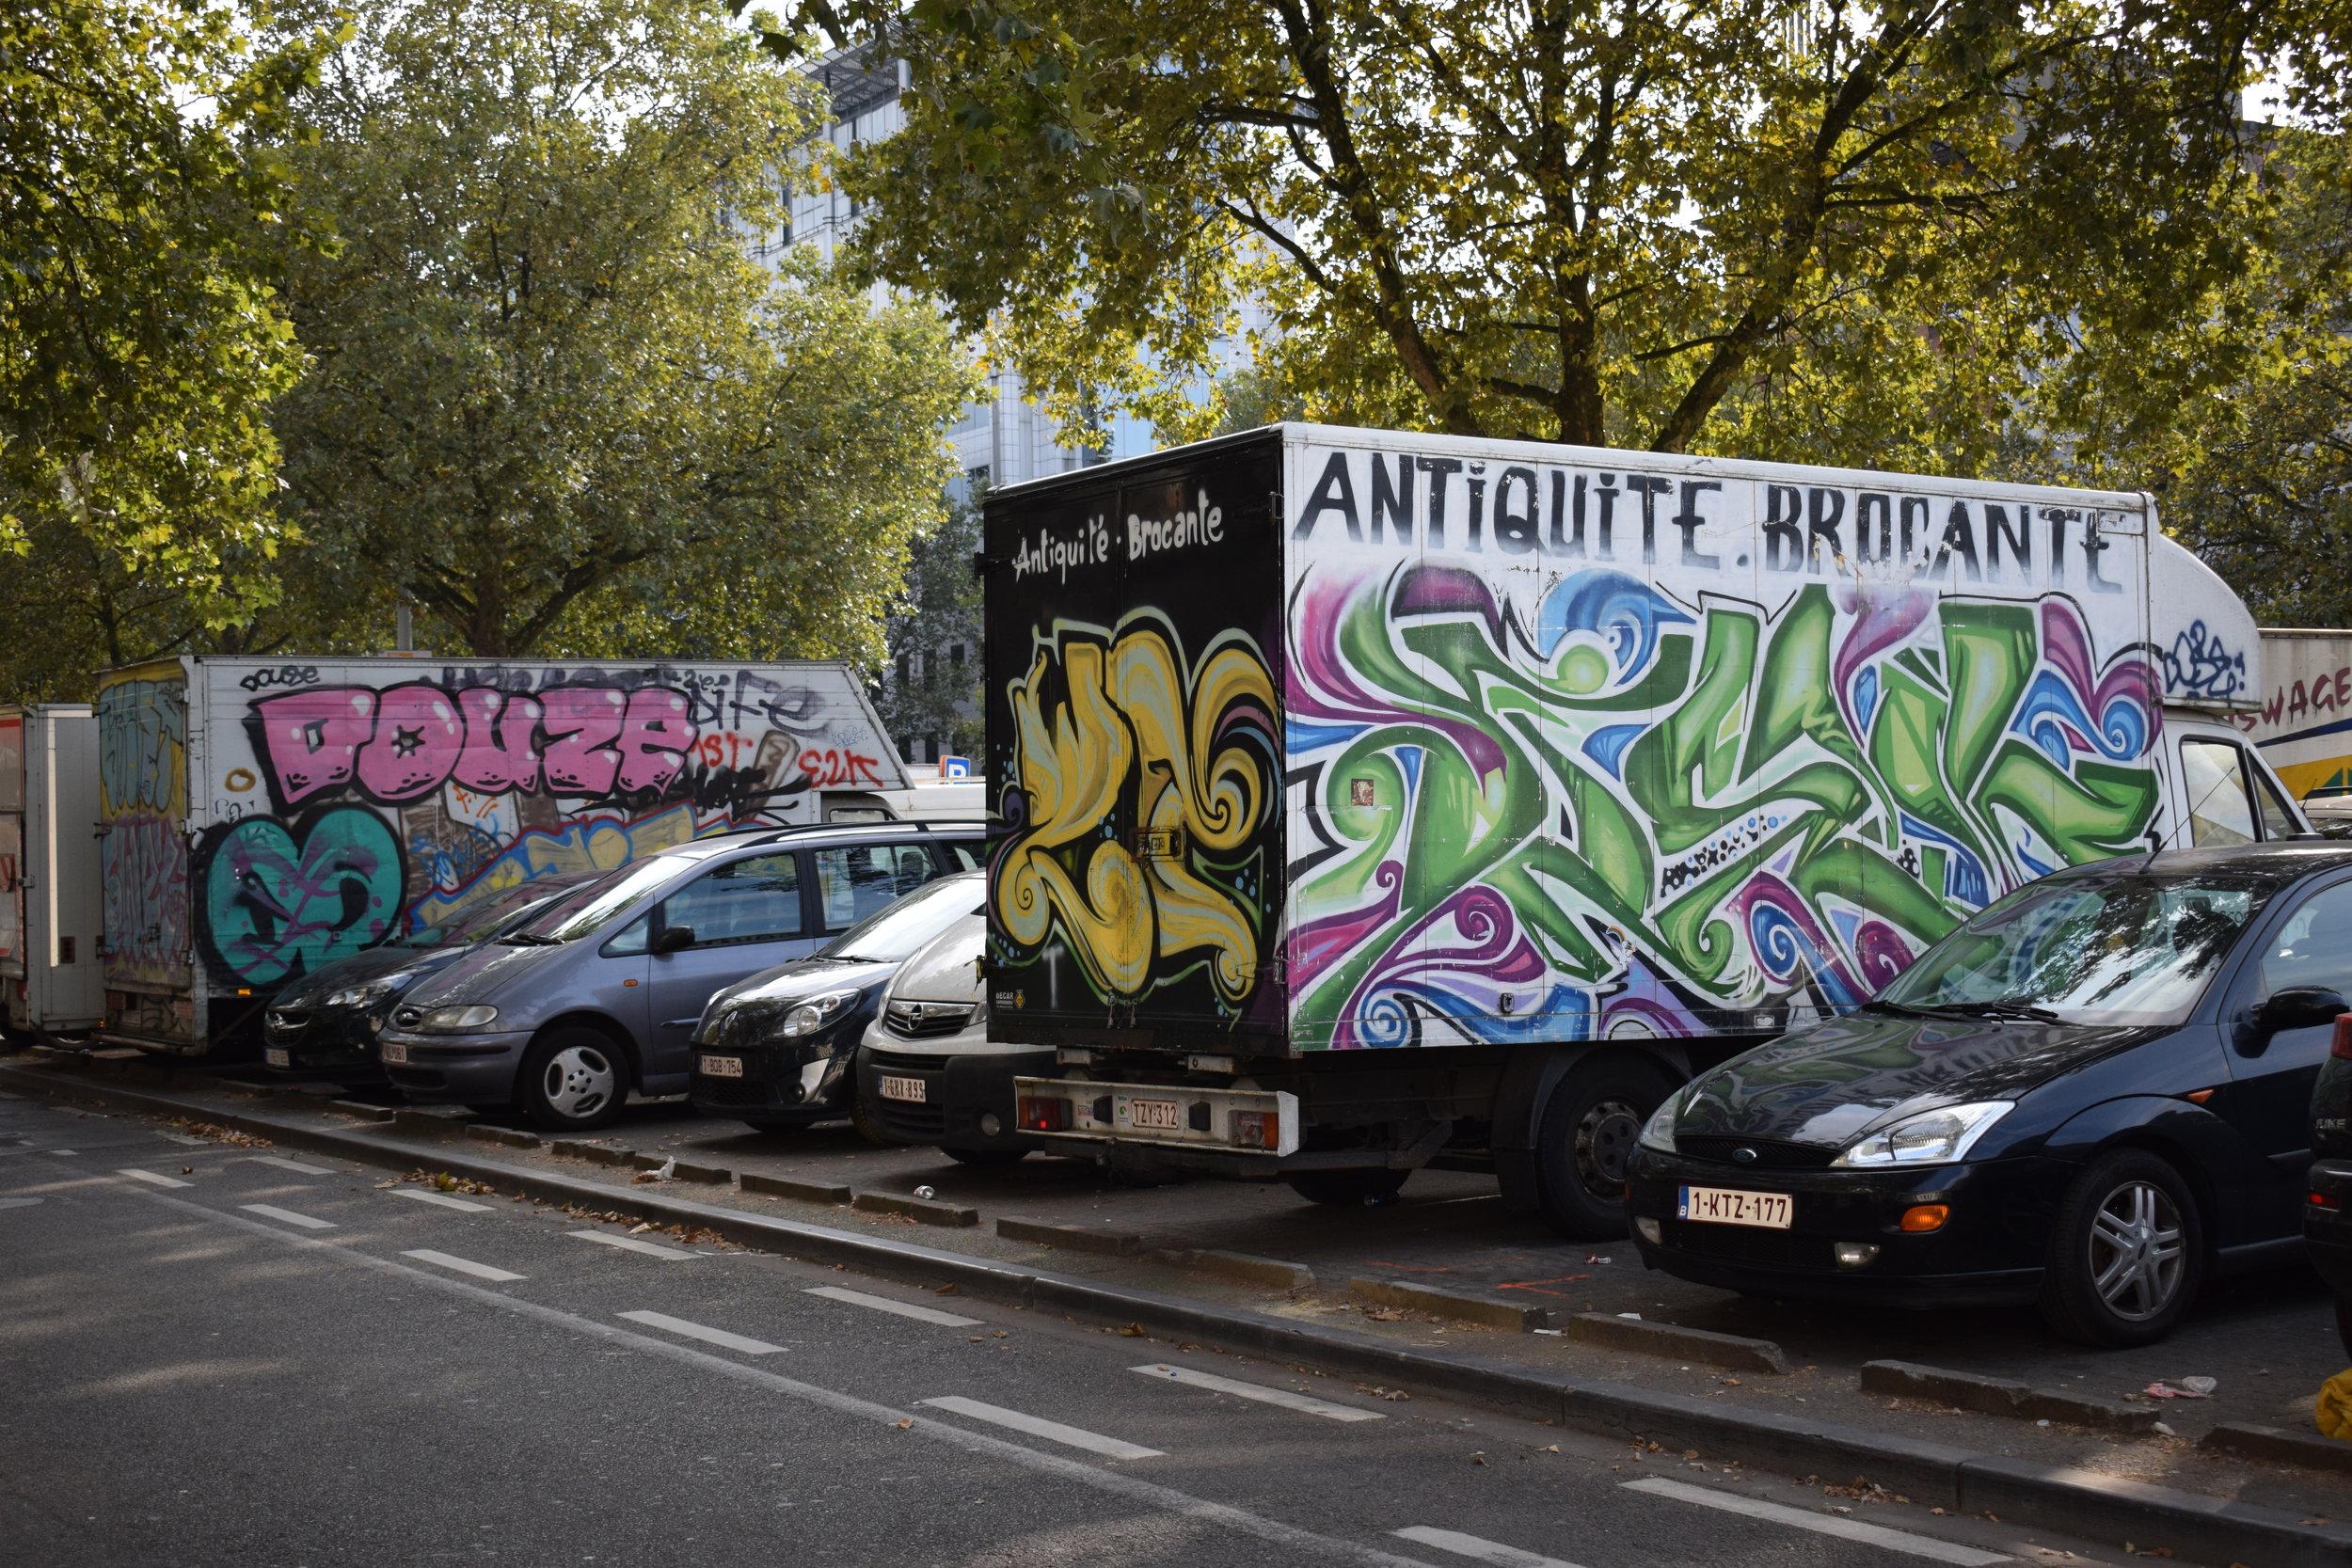 Street-Art-Graffiti-Brussels-Belgium